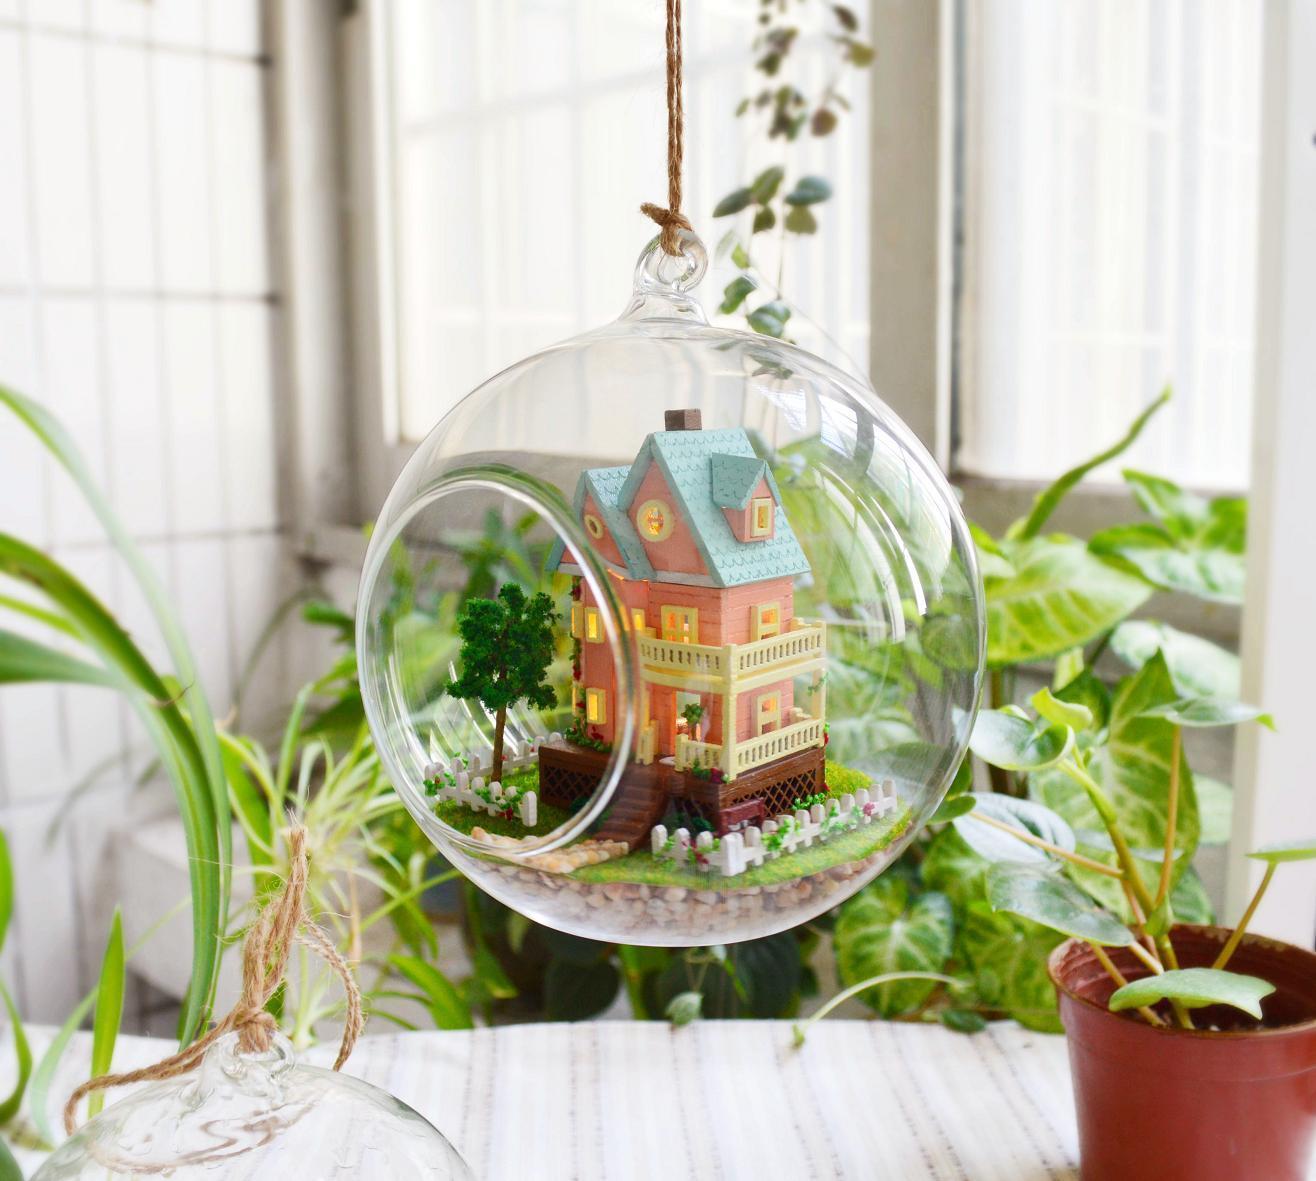 new house presents ideas